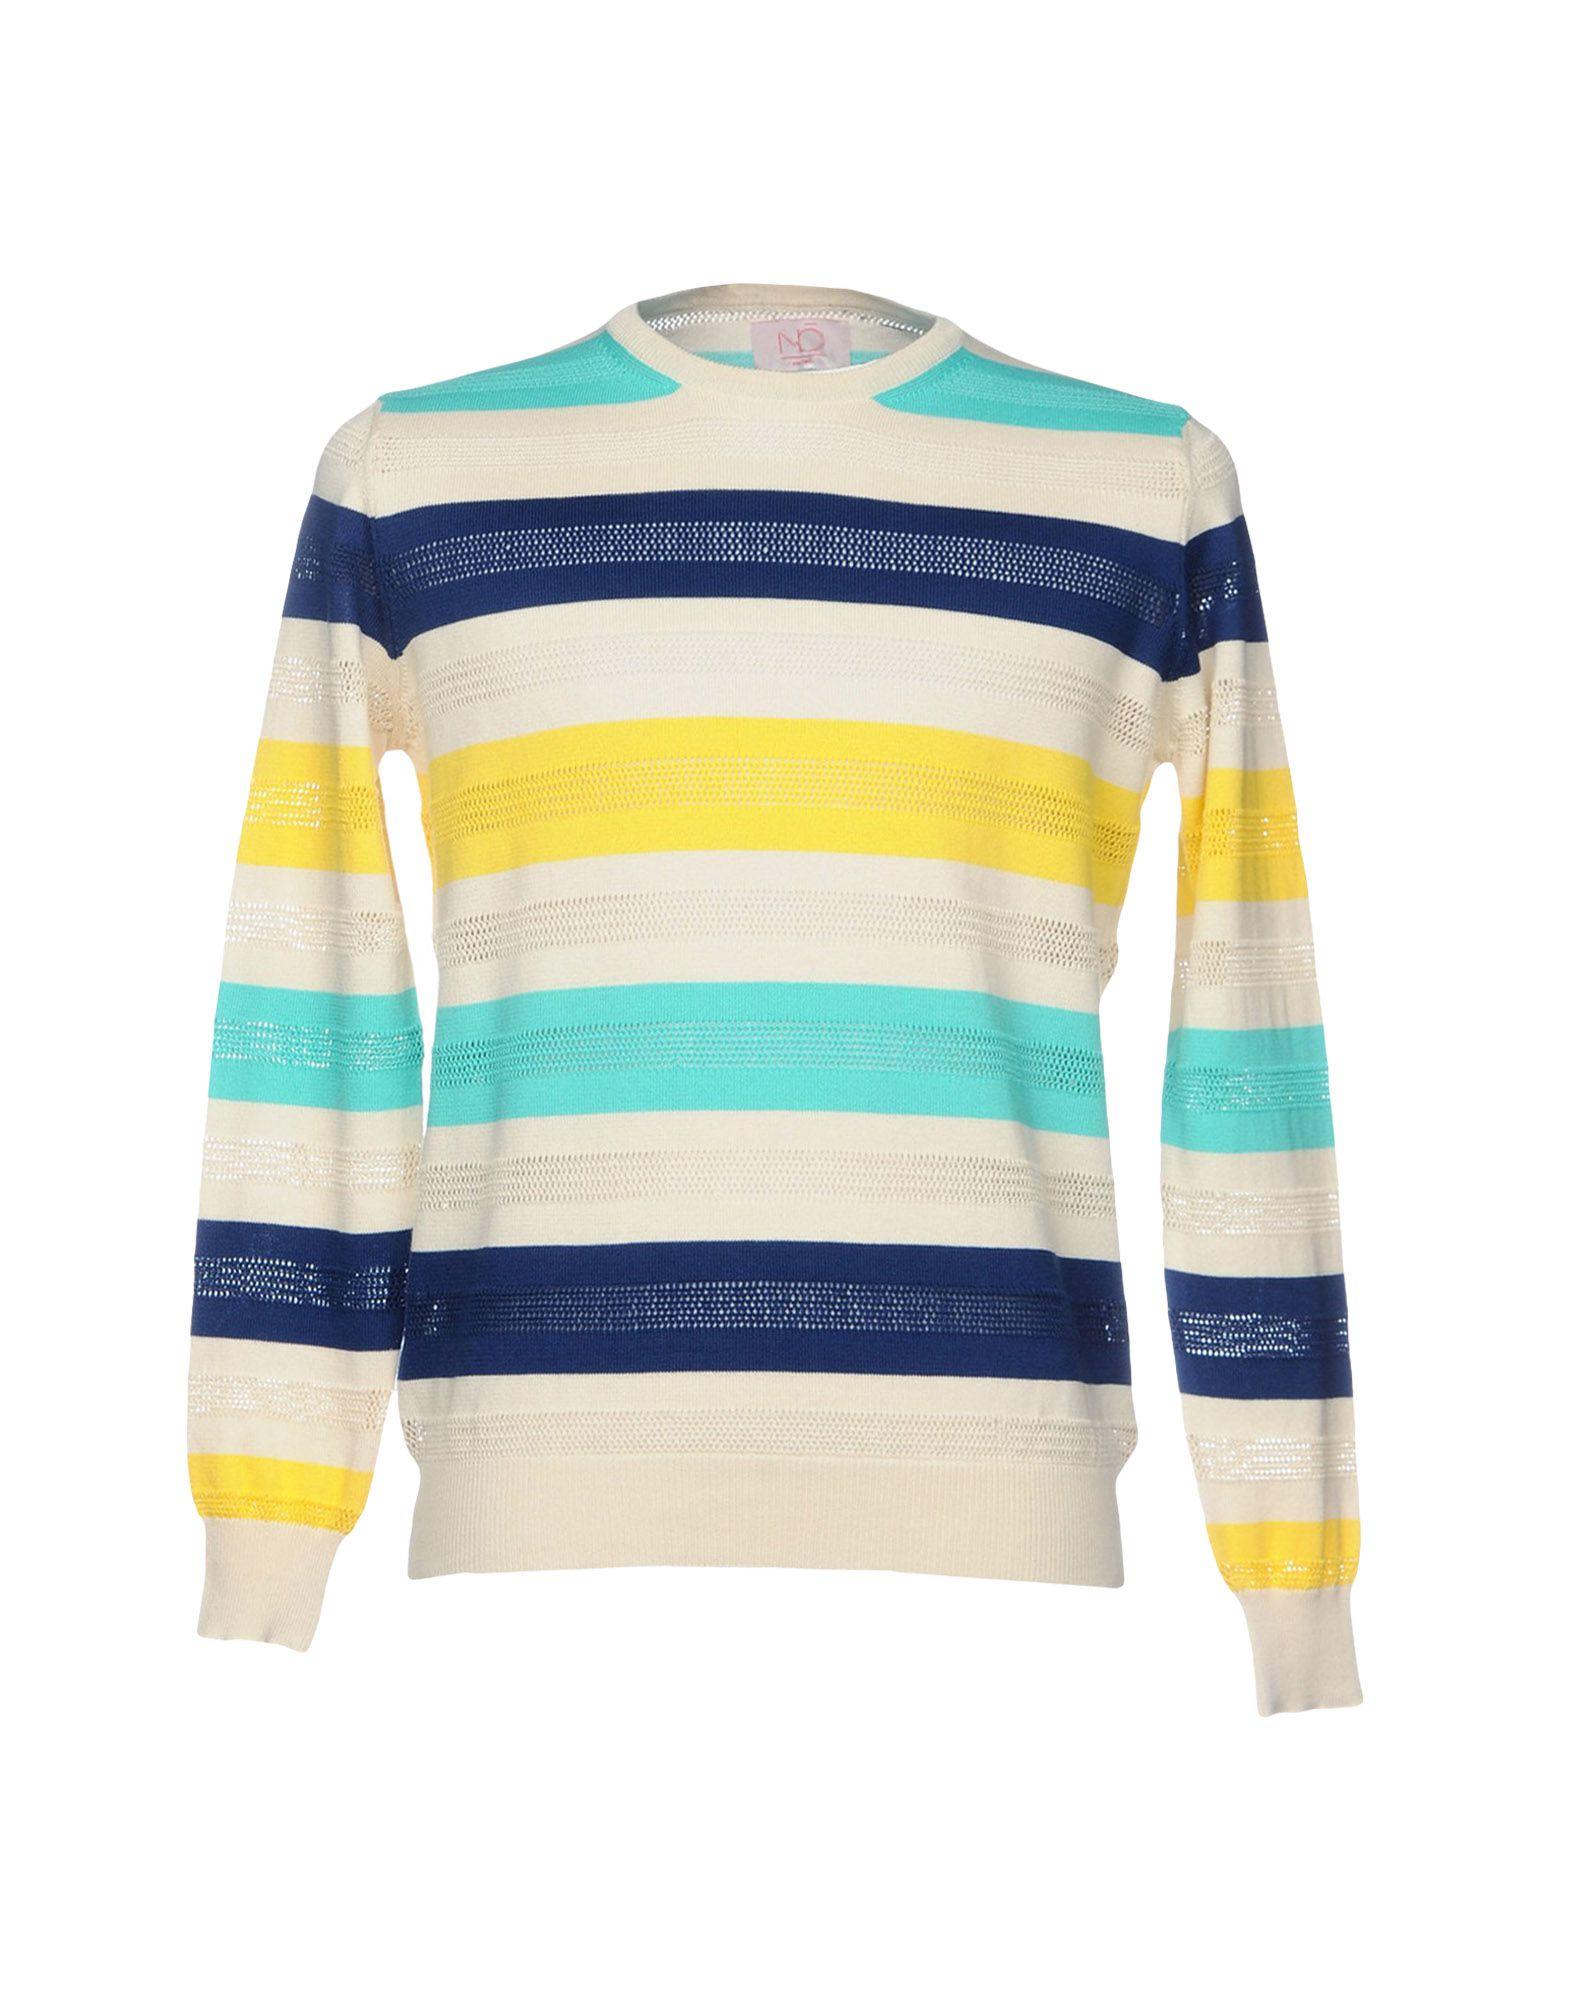 NŌ KNITWEAR Свитер crew neck color block pullover knitwear